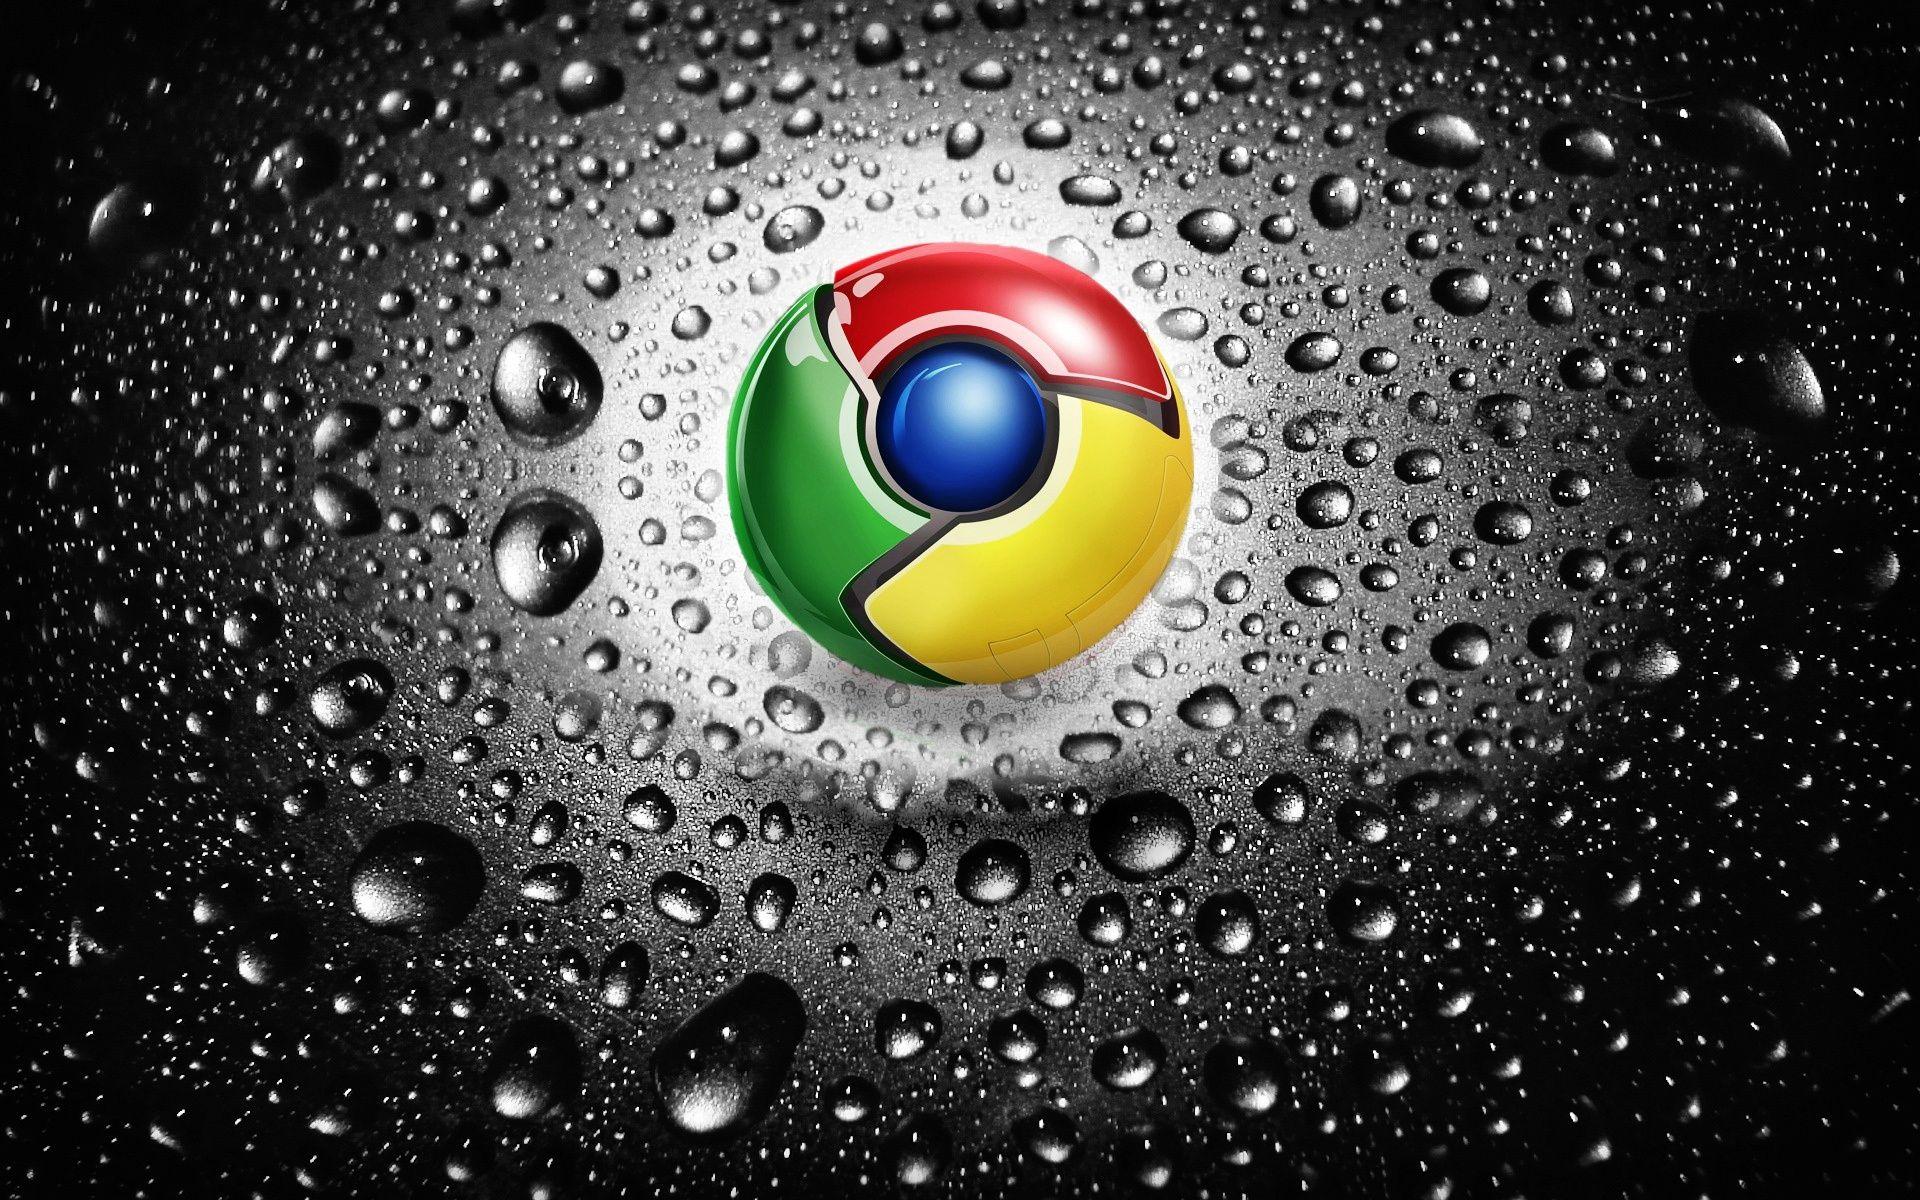 Ripristina impostazioni predefinite di Google Chrome 2